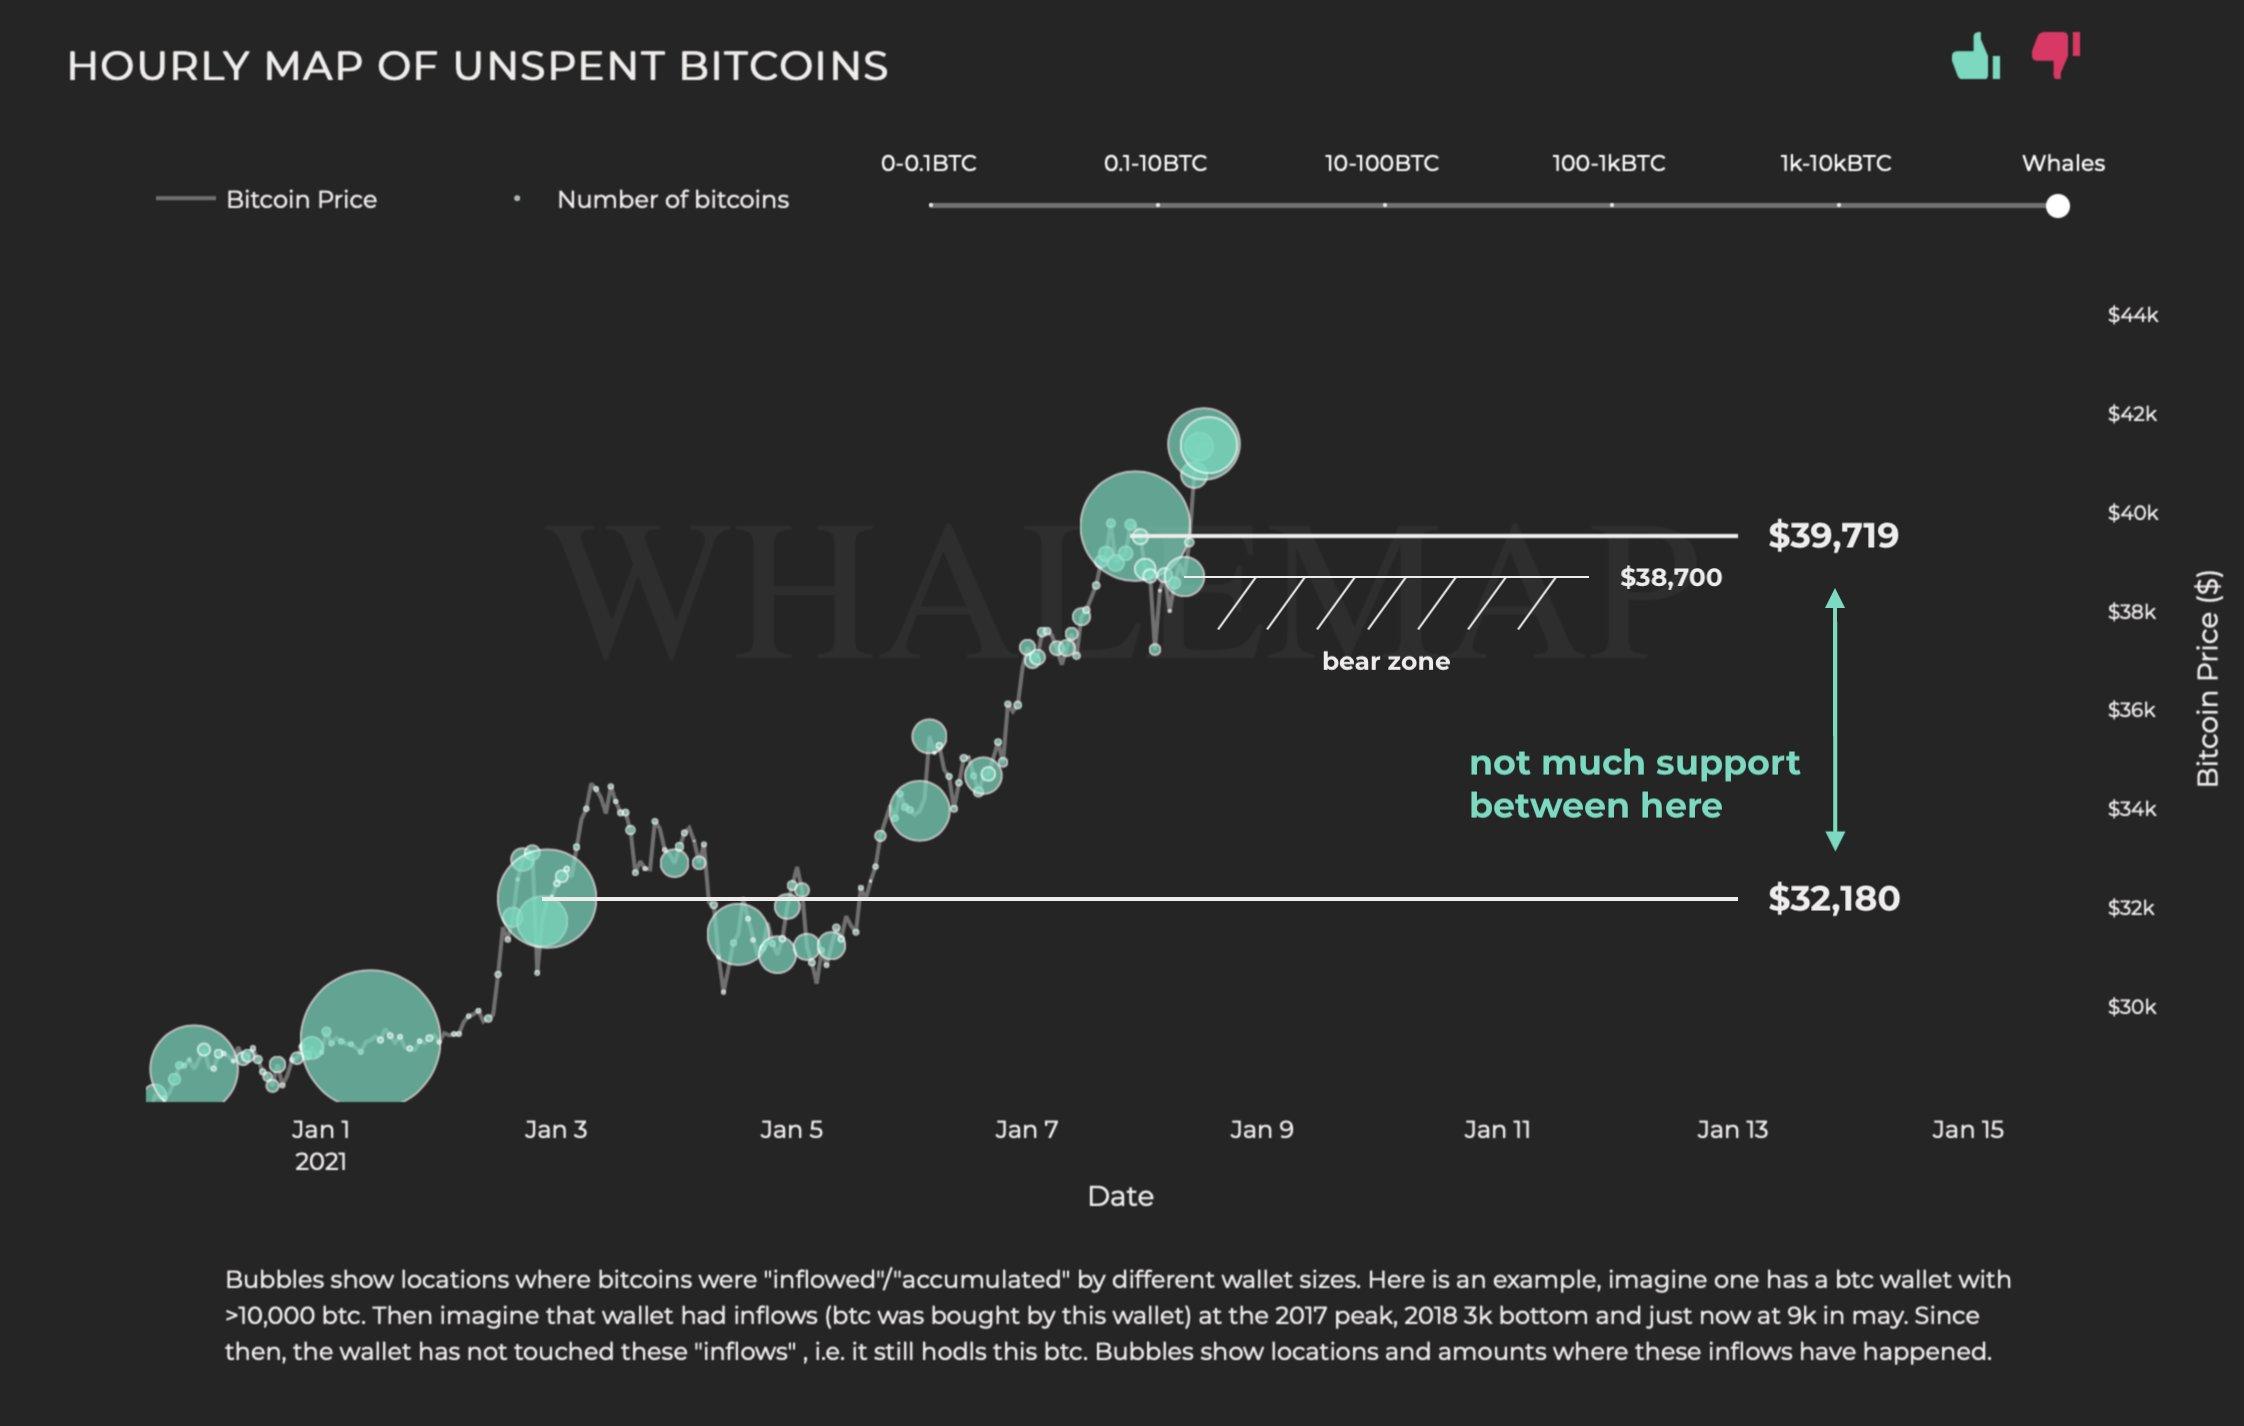 Курс биткоина упал до $33 300: Когда ждать возвращения поддержки?